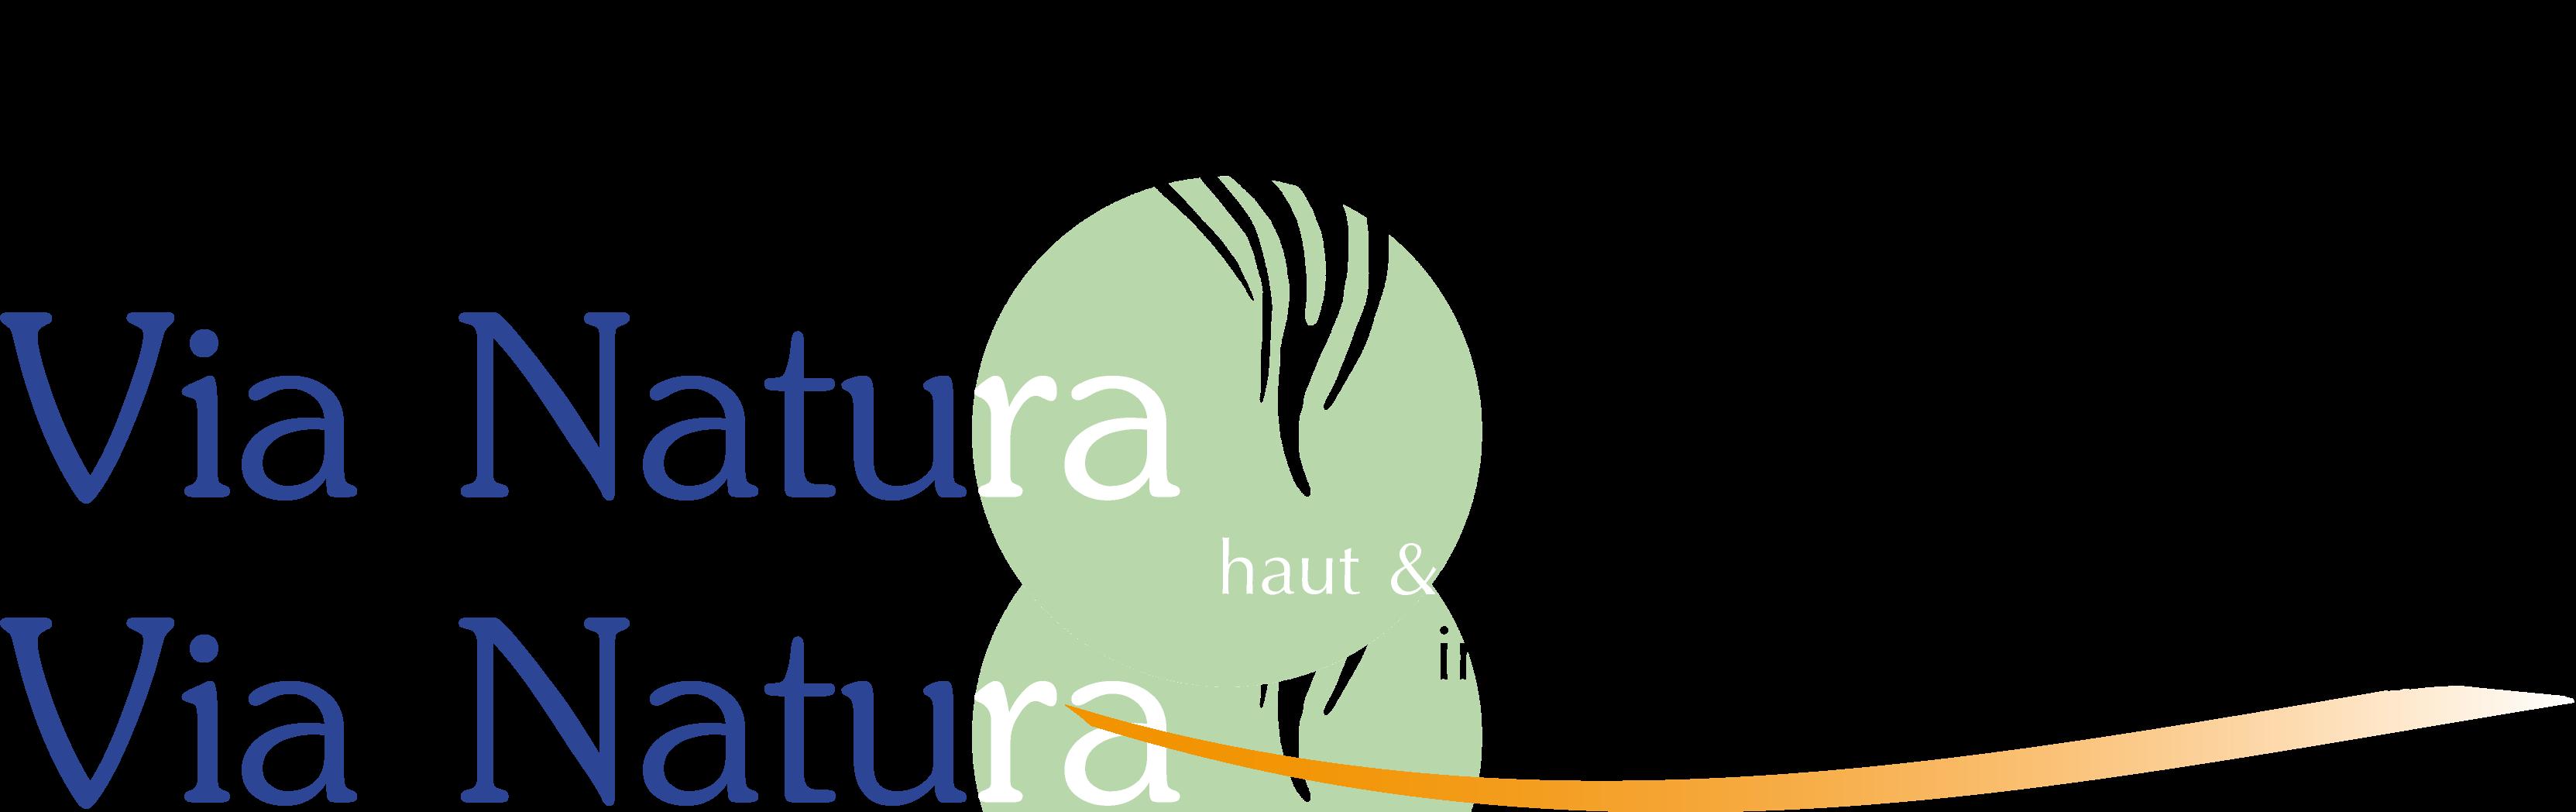 Via Natura Logo fertig